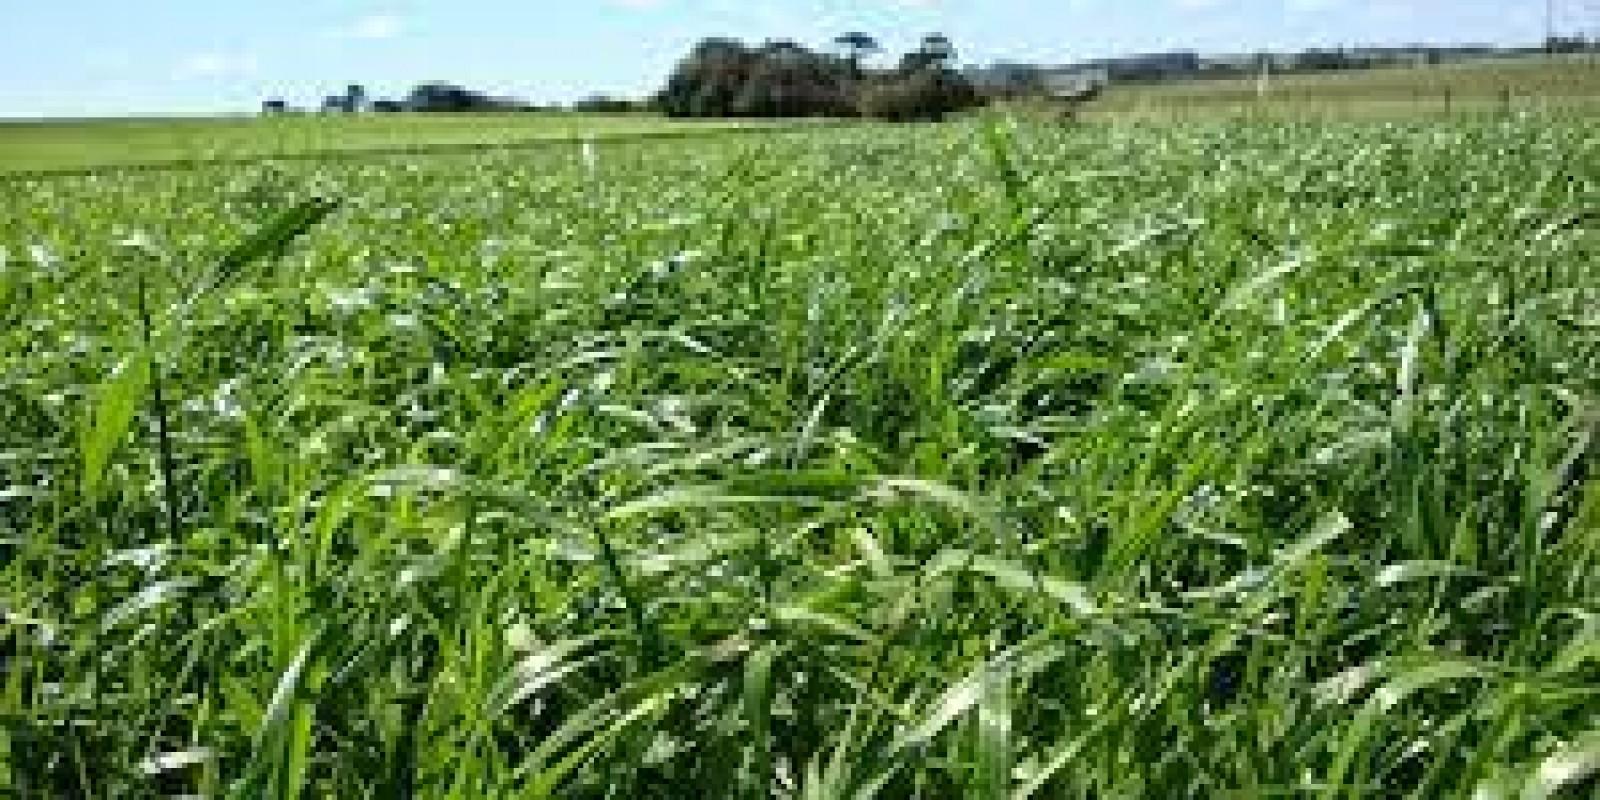 Atraso na adubação de pastagem gera perda de 3 arrobas por hectare